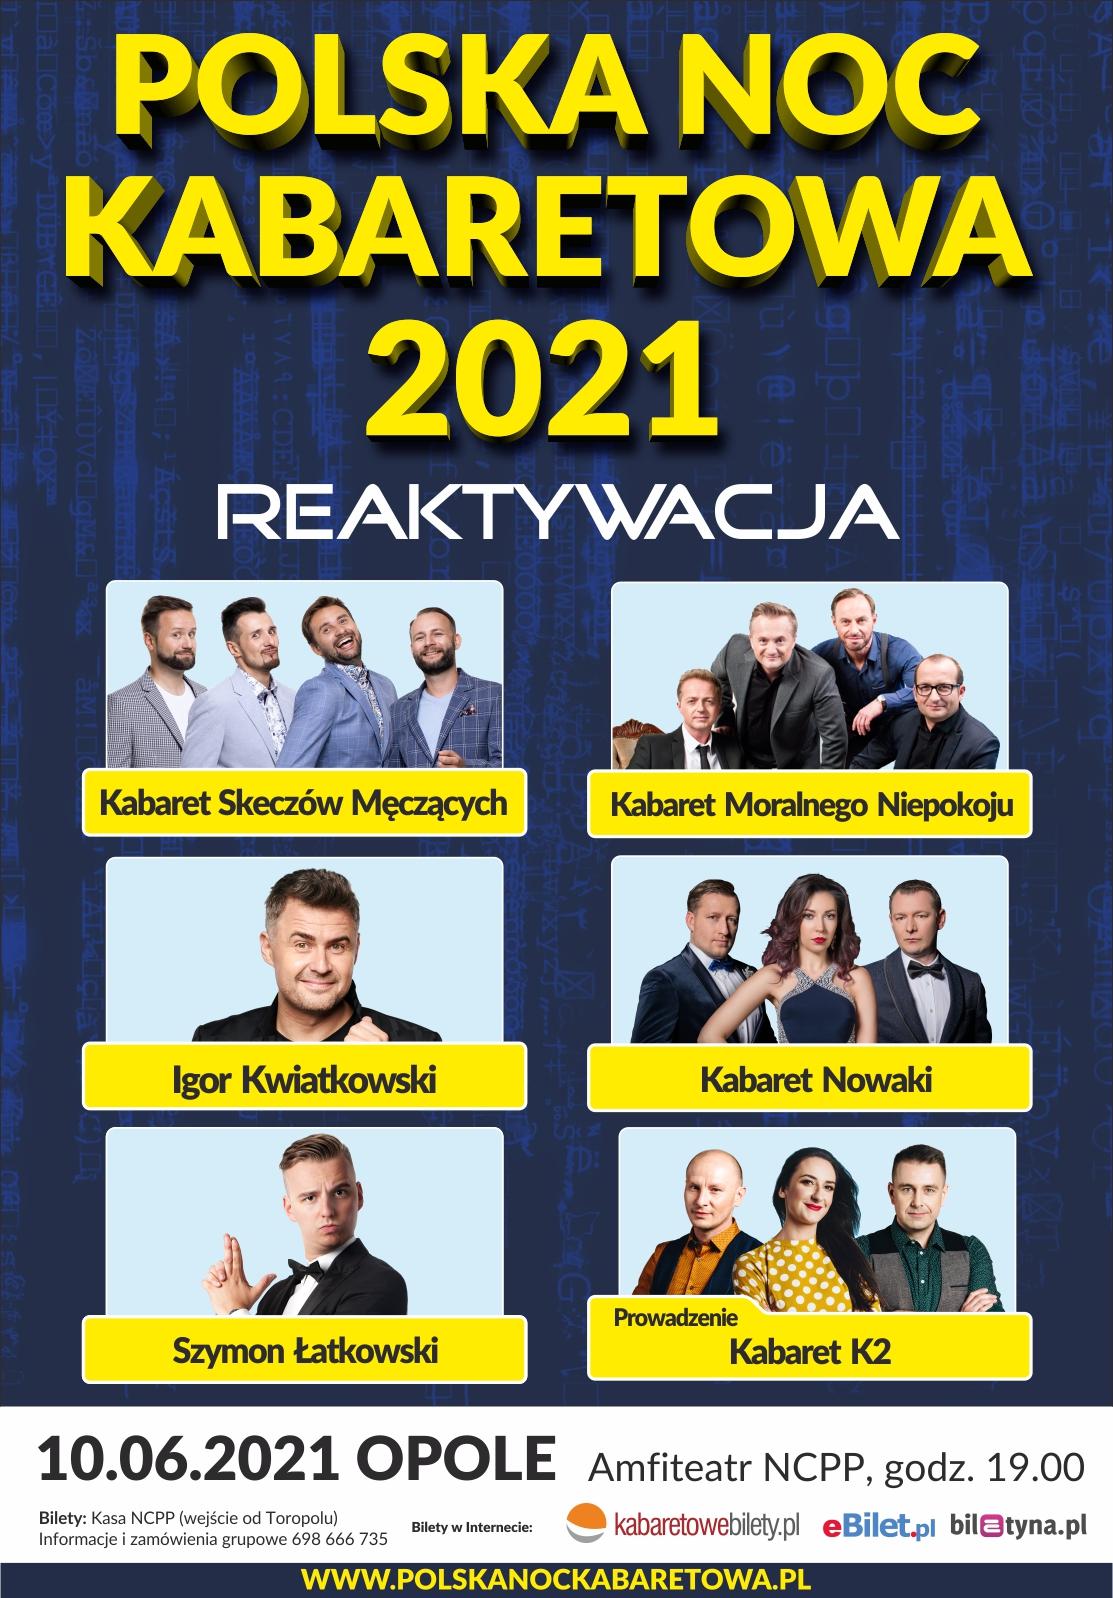 Plakat. Polska Noc Kabaretowa 2021 Reaktywacja